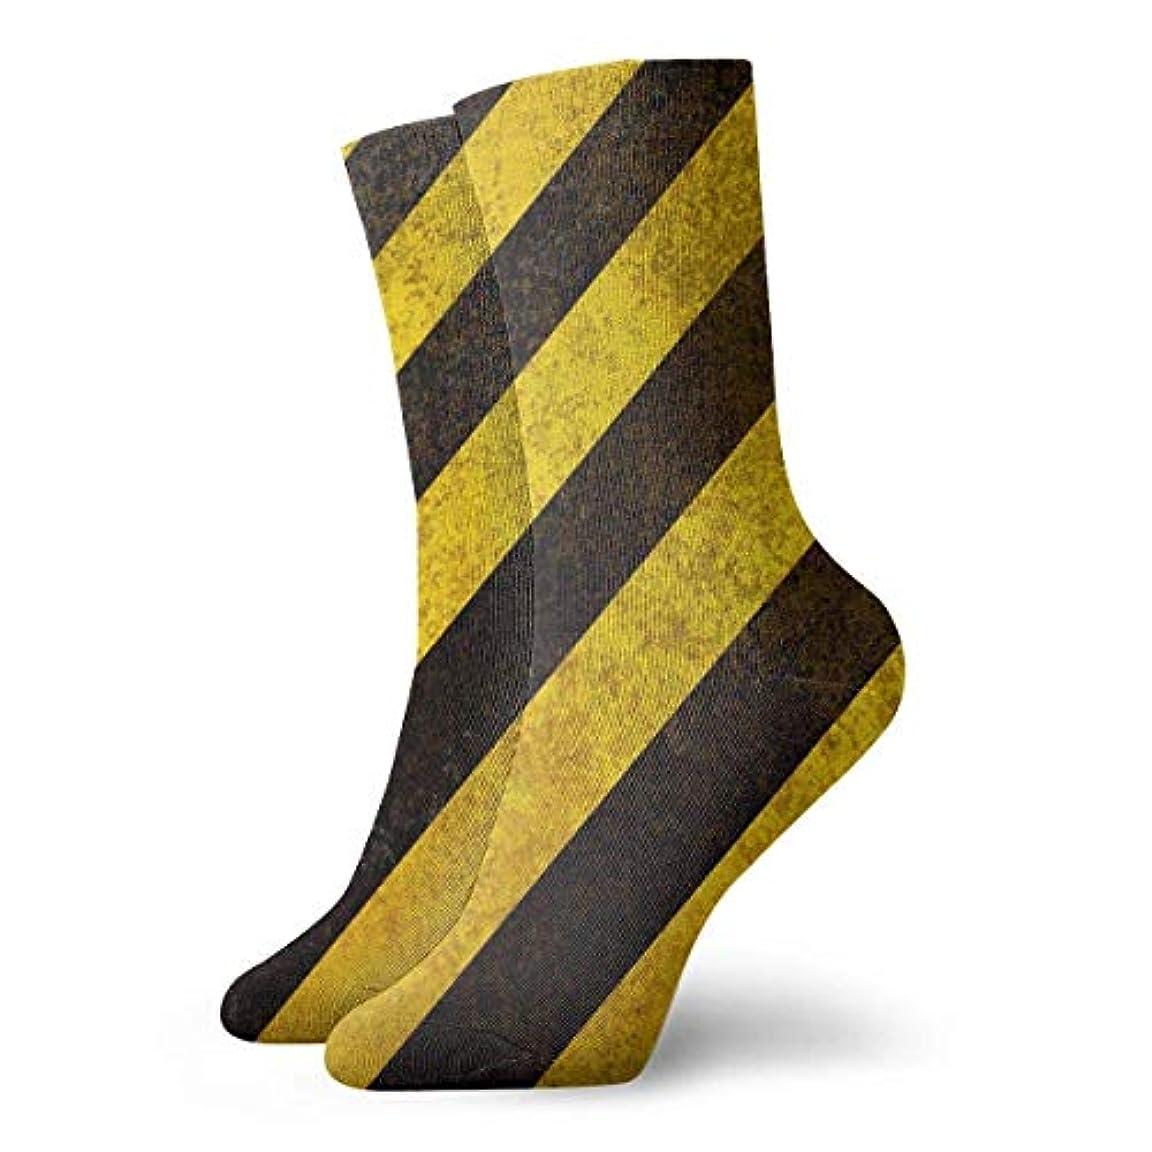 競争力のある発生する食事クルーザーユニセックスカラフルドレスソックス、イエローブラックストライプ、冬ソフトコージー暖かい靴下かわいい面白いクルーコットンソックス1パック